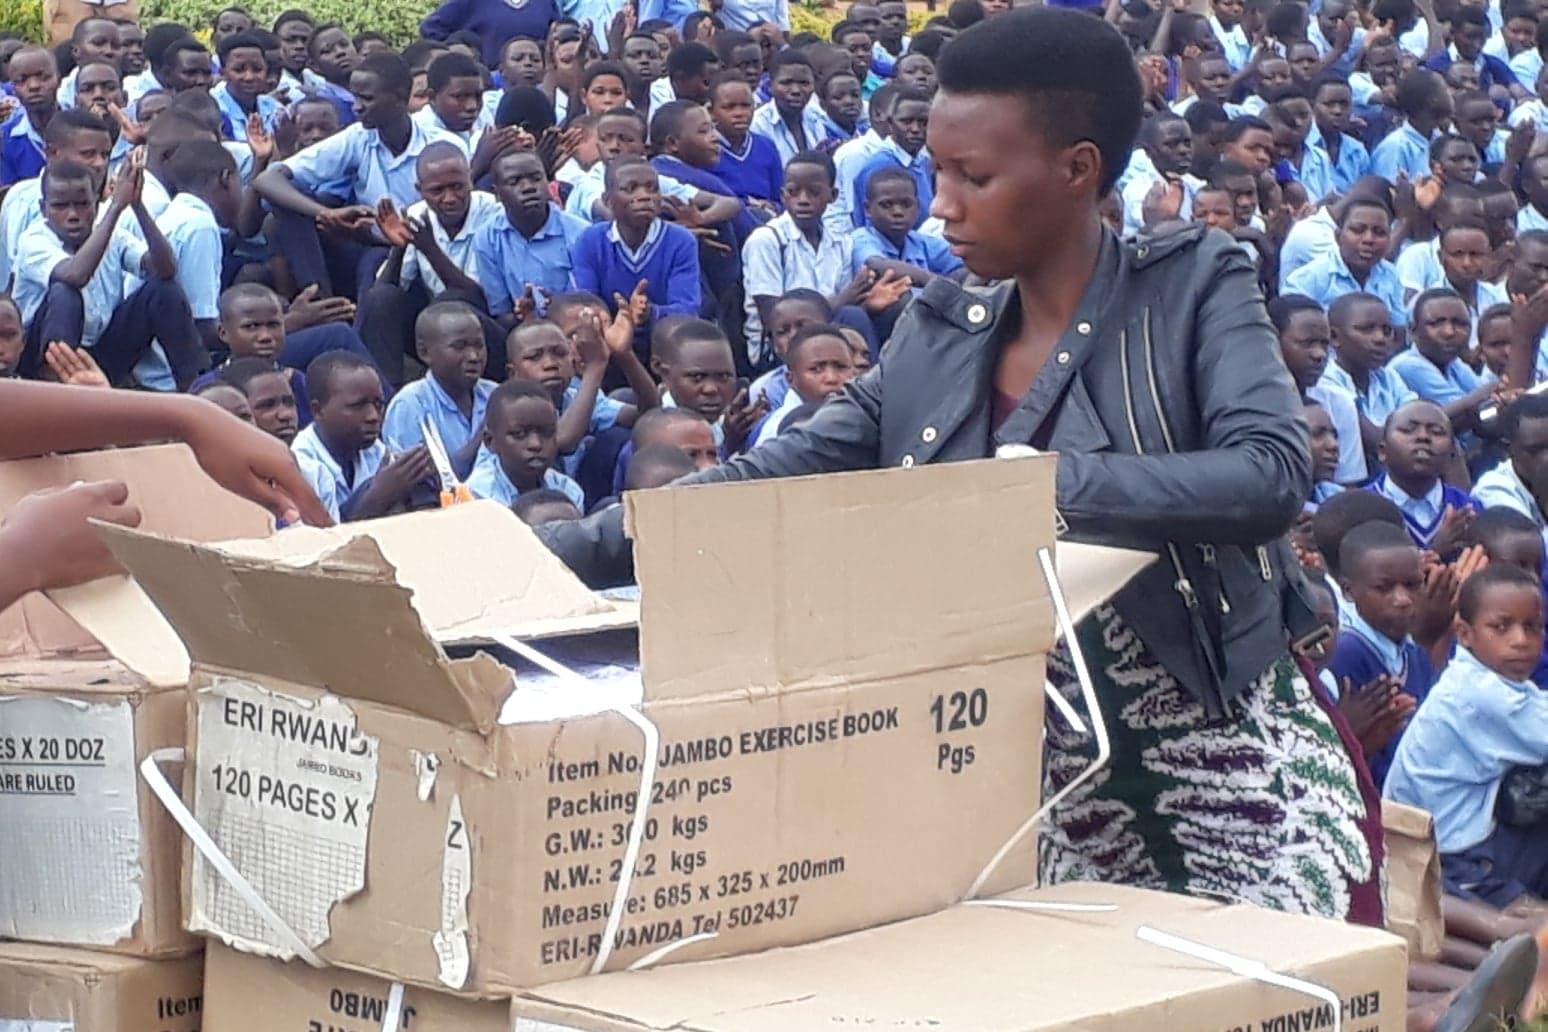 L'Association liégeoise pour le Rwanda, ALR